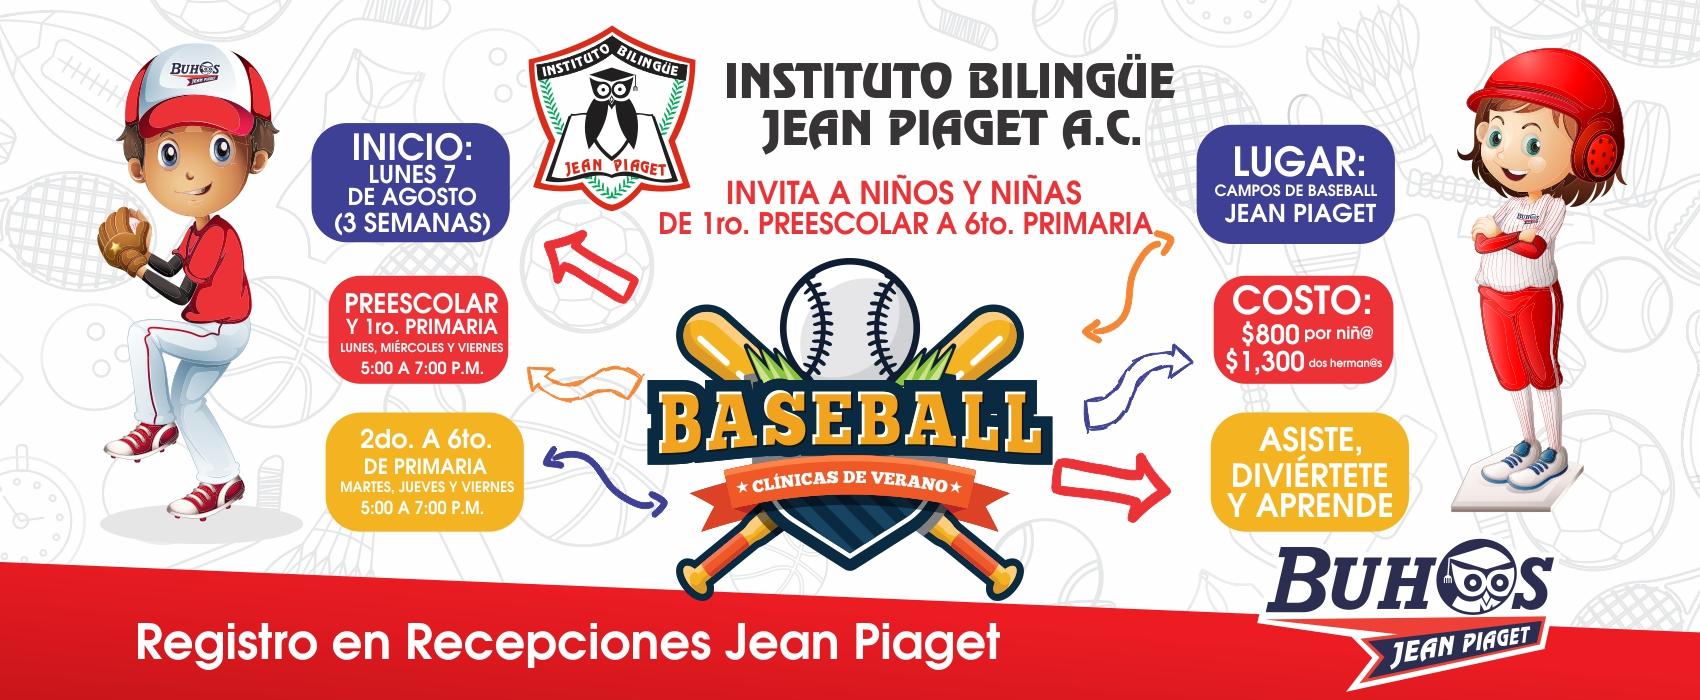 Jean-Piaget-Baseball-01